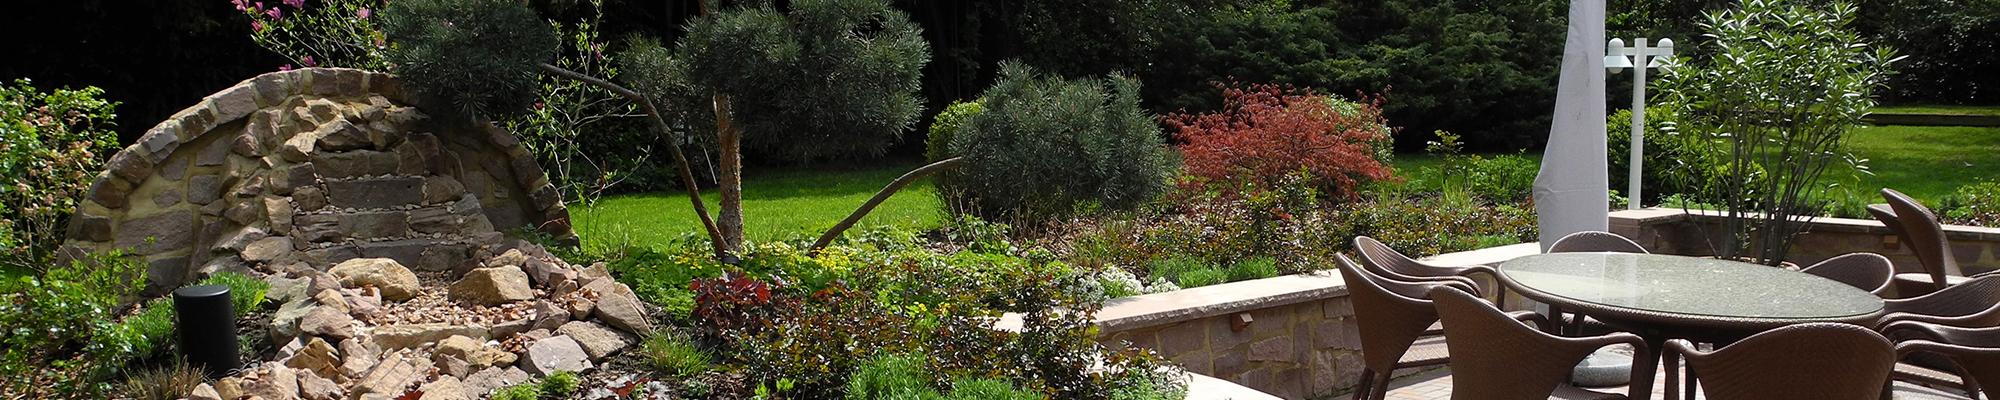 banner-privatgarten-terrasse-bach-wasserspiel-sitzgruppe